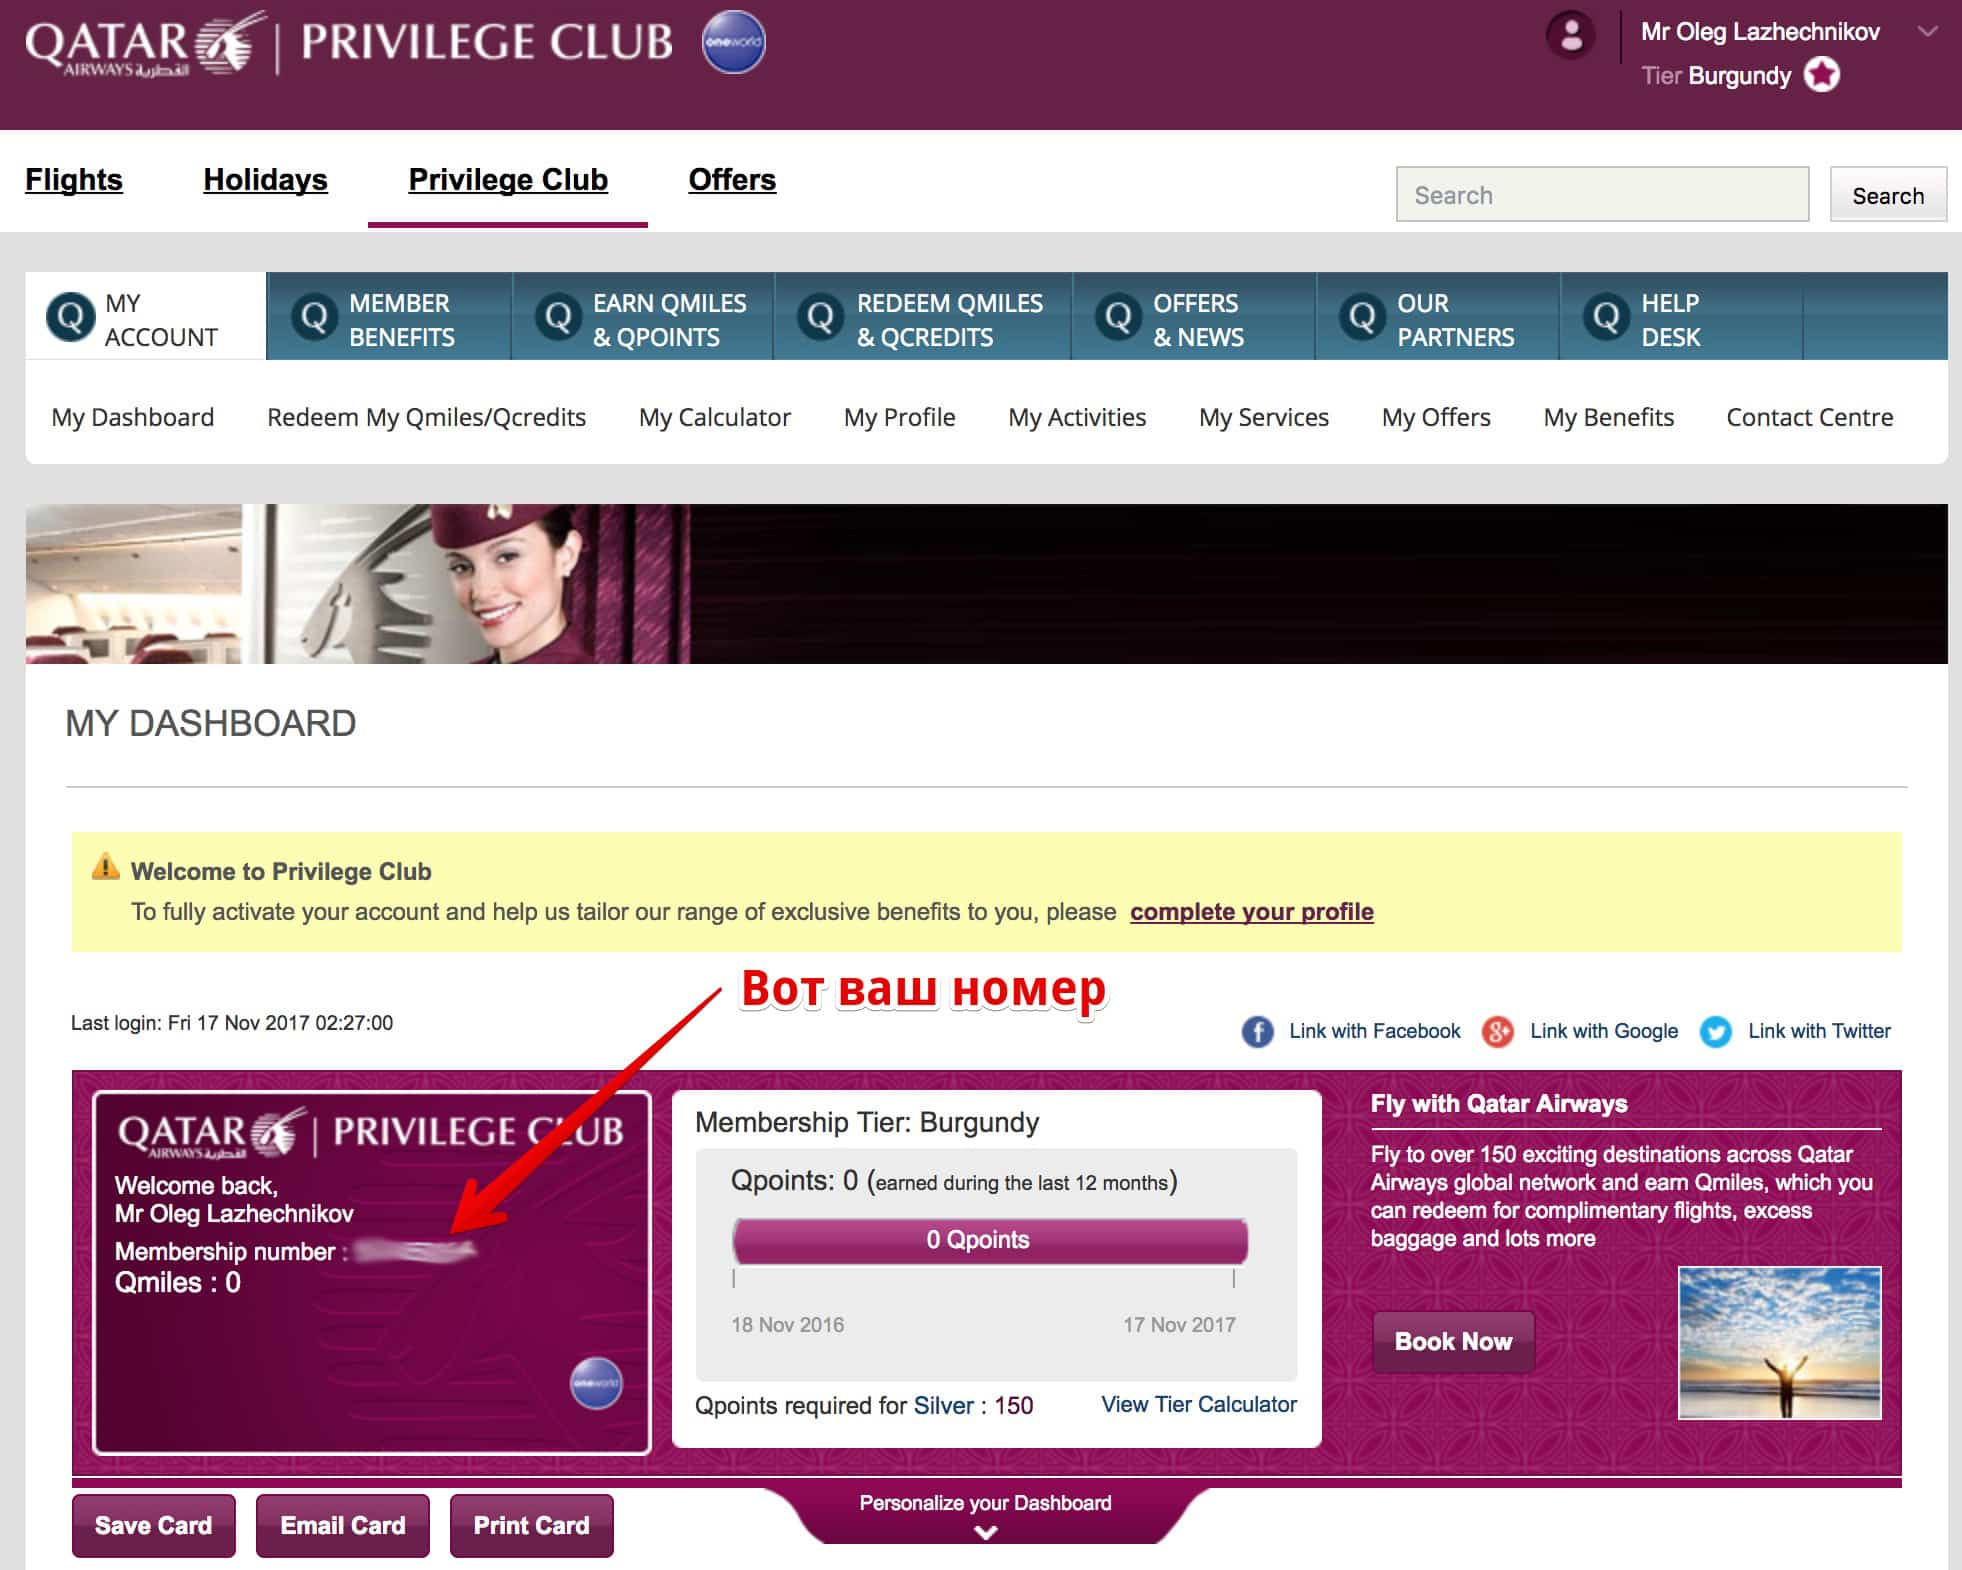 Берете из личного кабинета Qatar свой номер